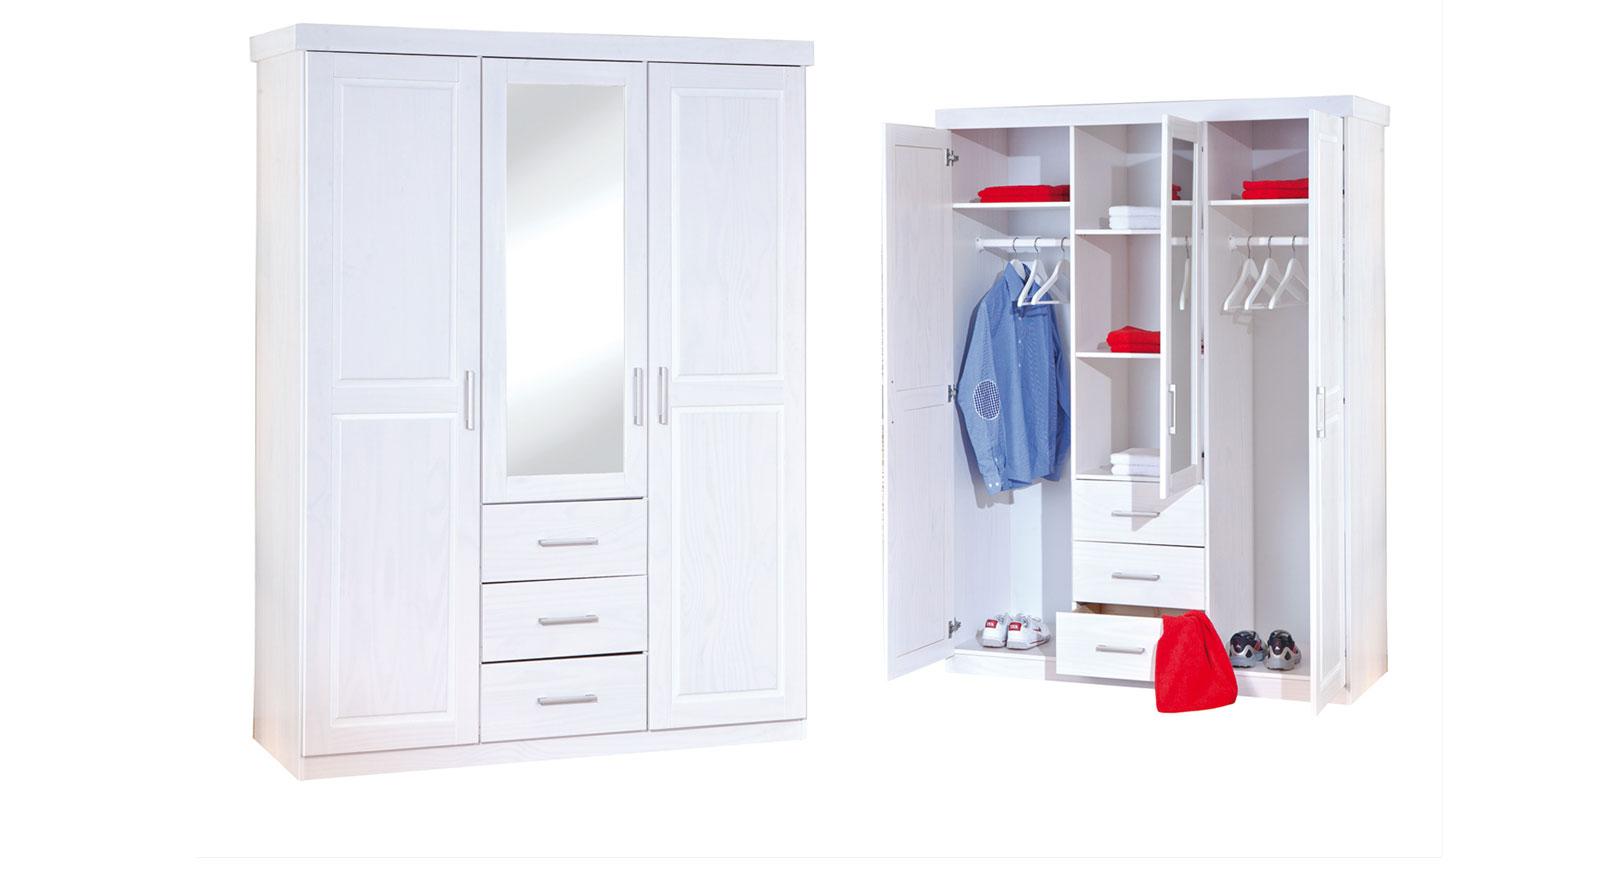 Massivholz-Kleiderschrank in Weiß mit Spiegel - Genf | BETTEN.at